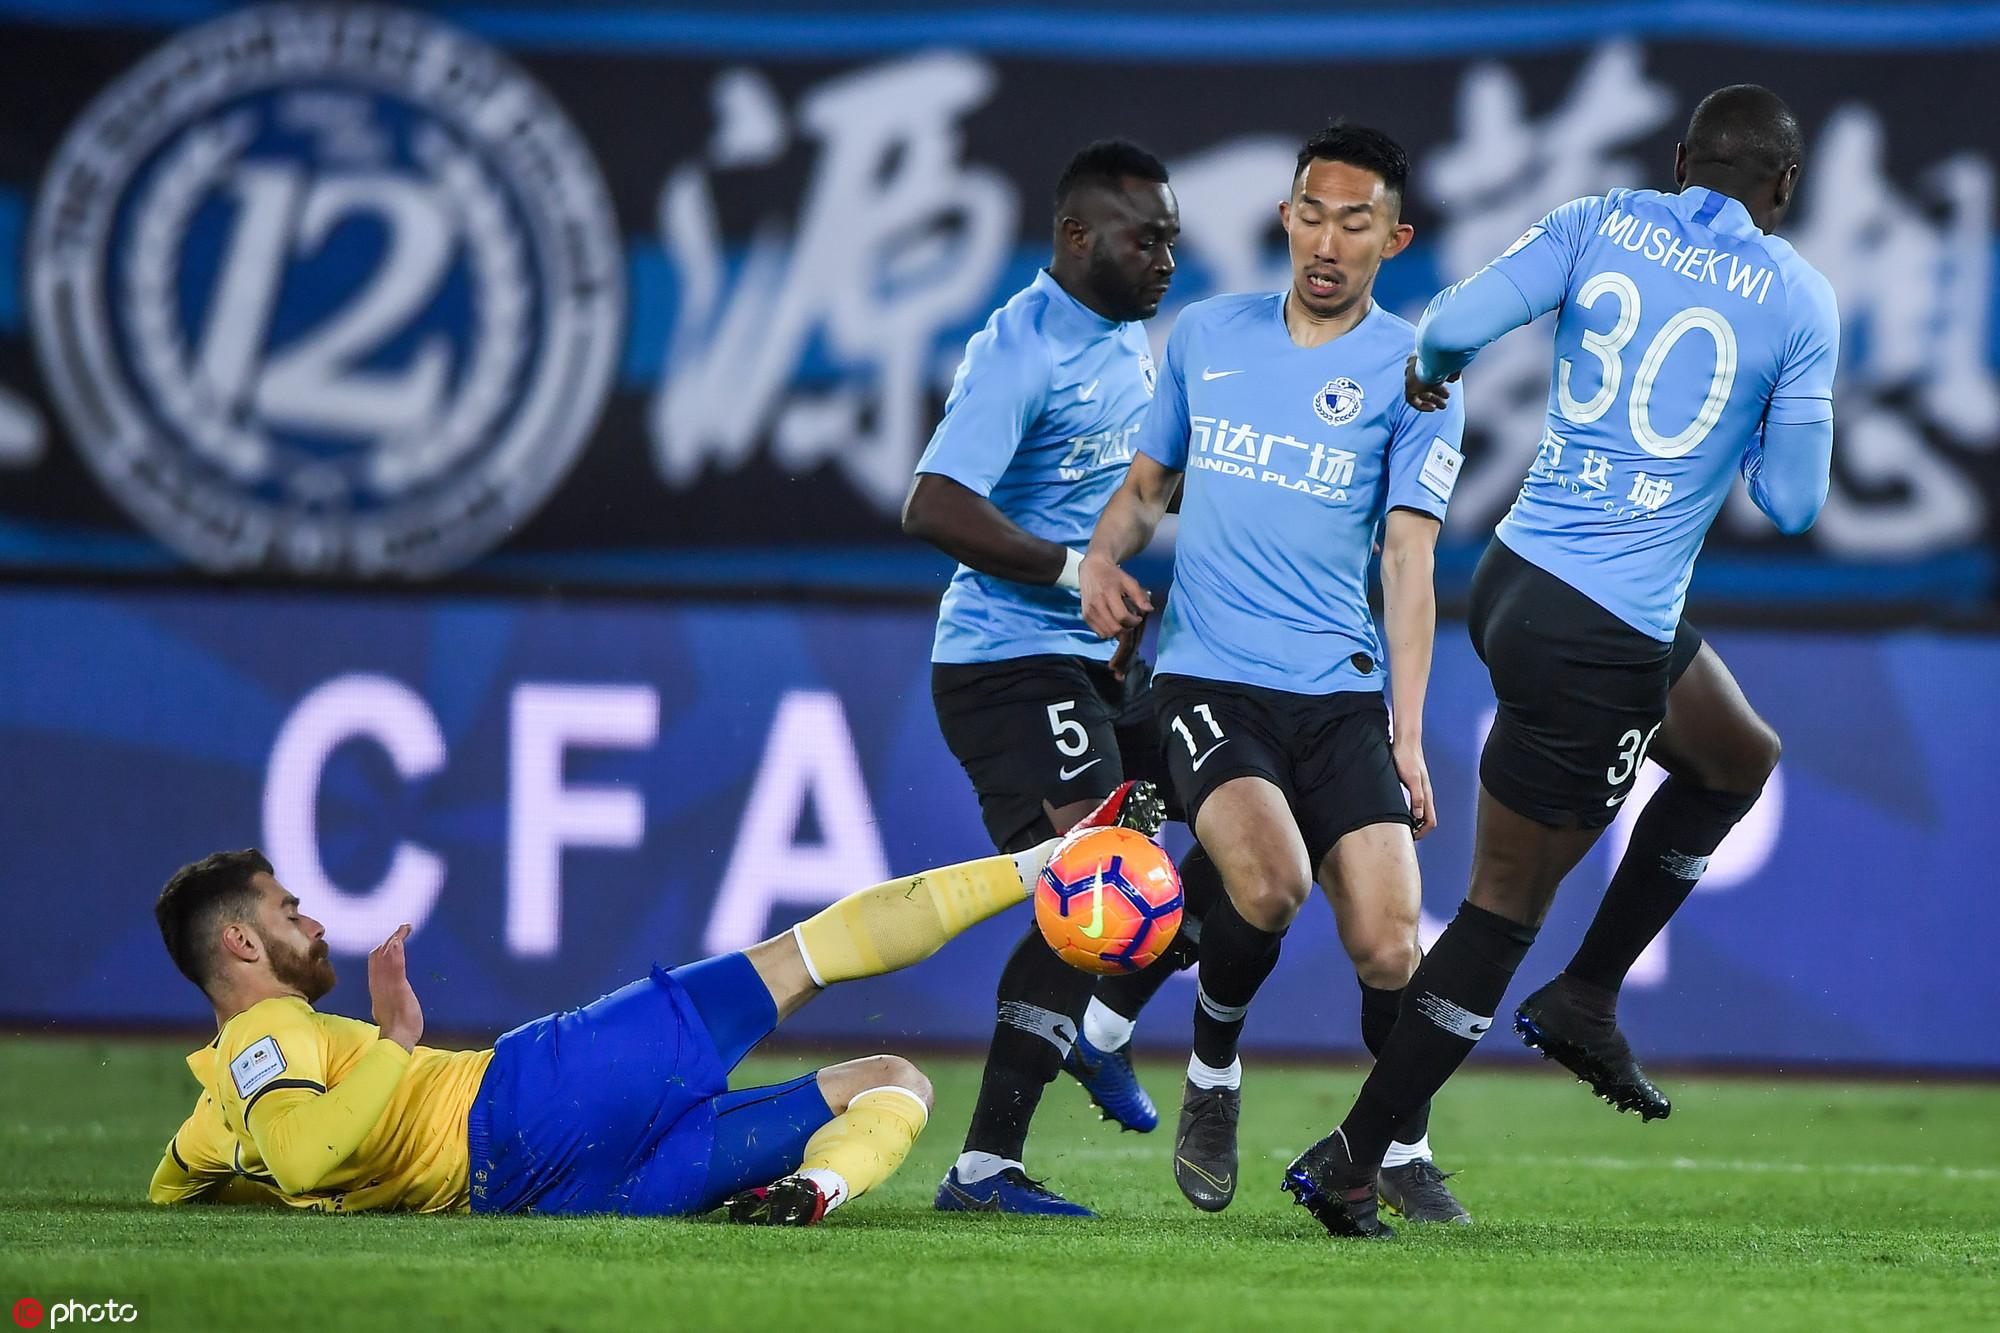 足协杯:朱挺建功,一方1-0胜陕西晋级